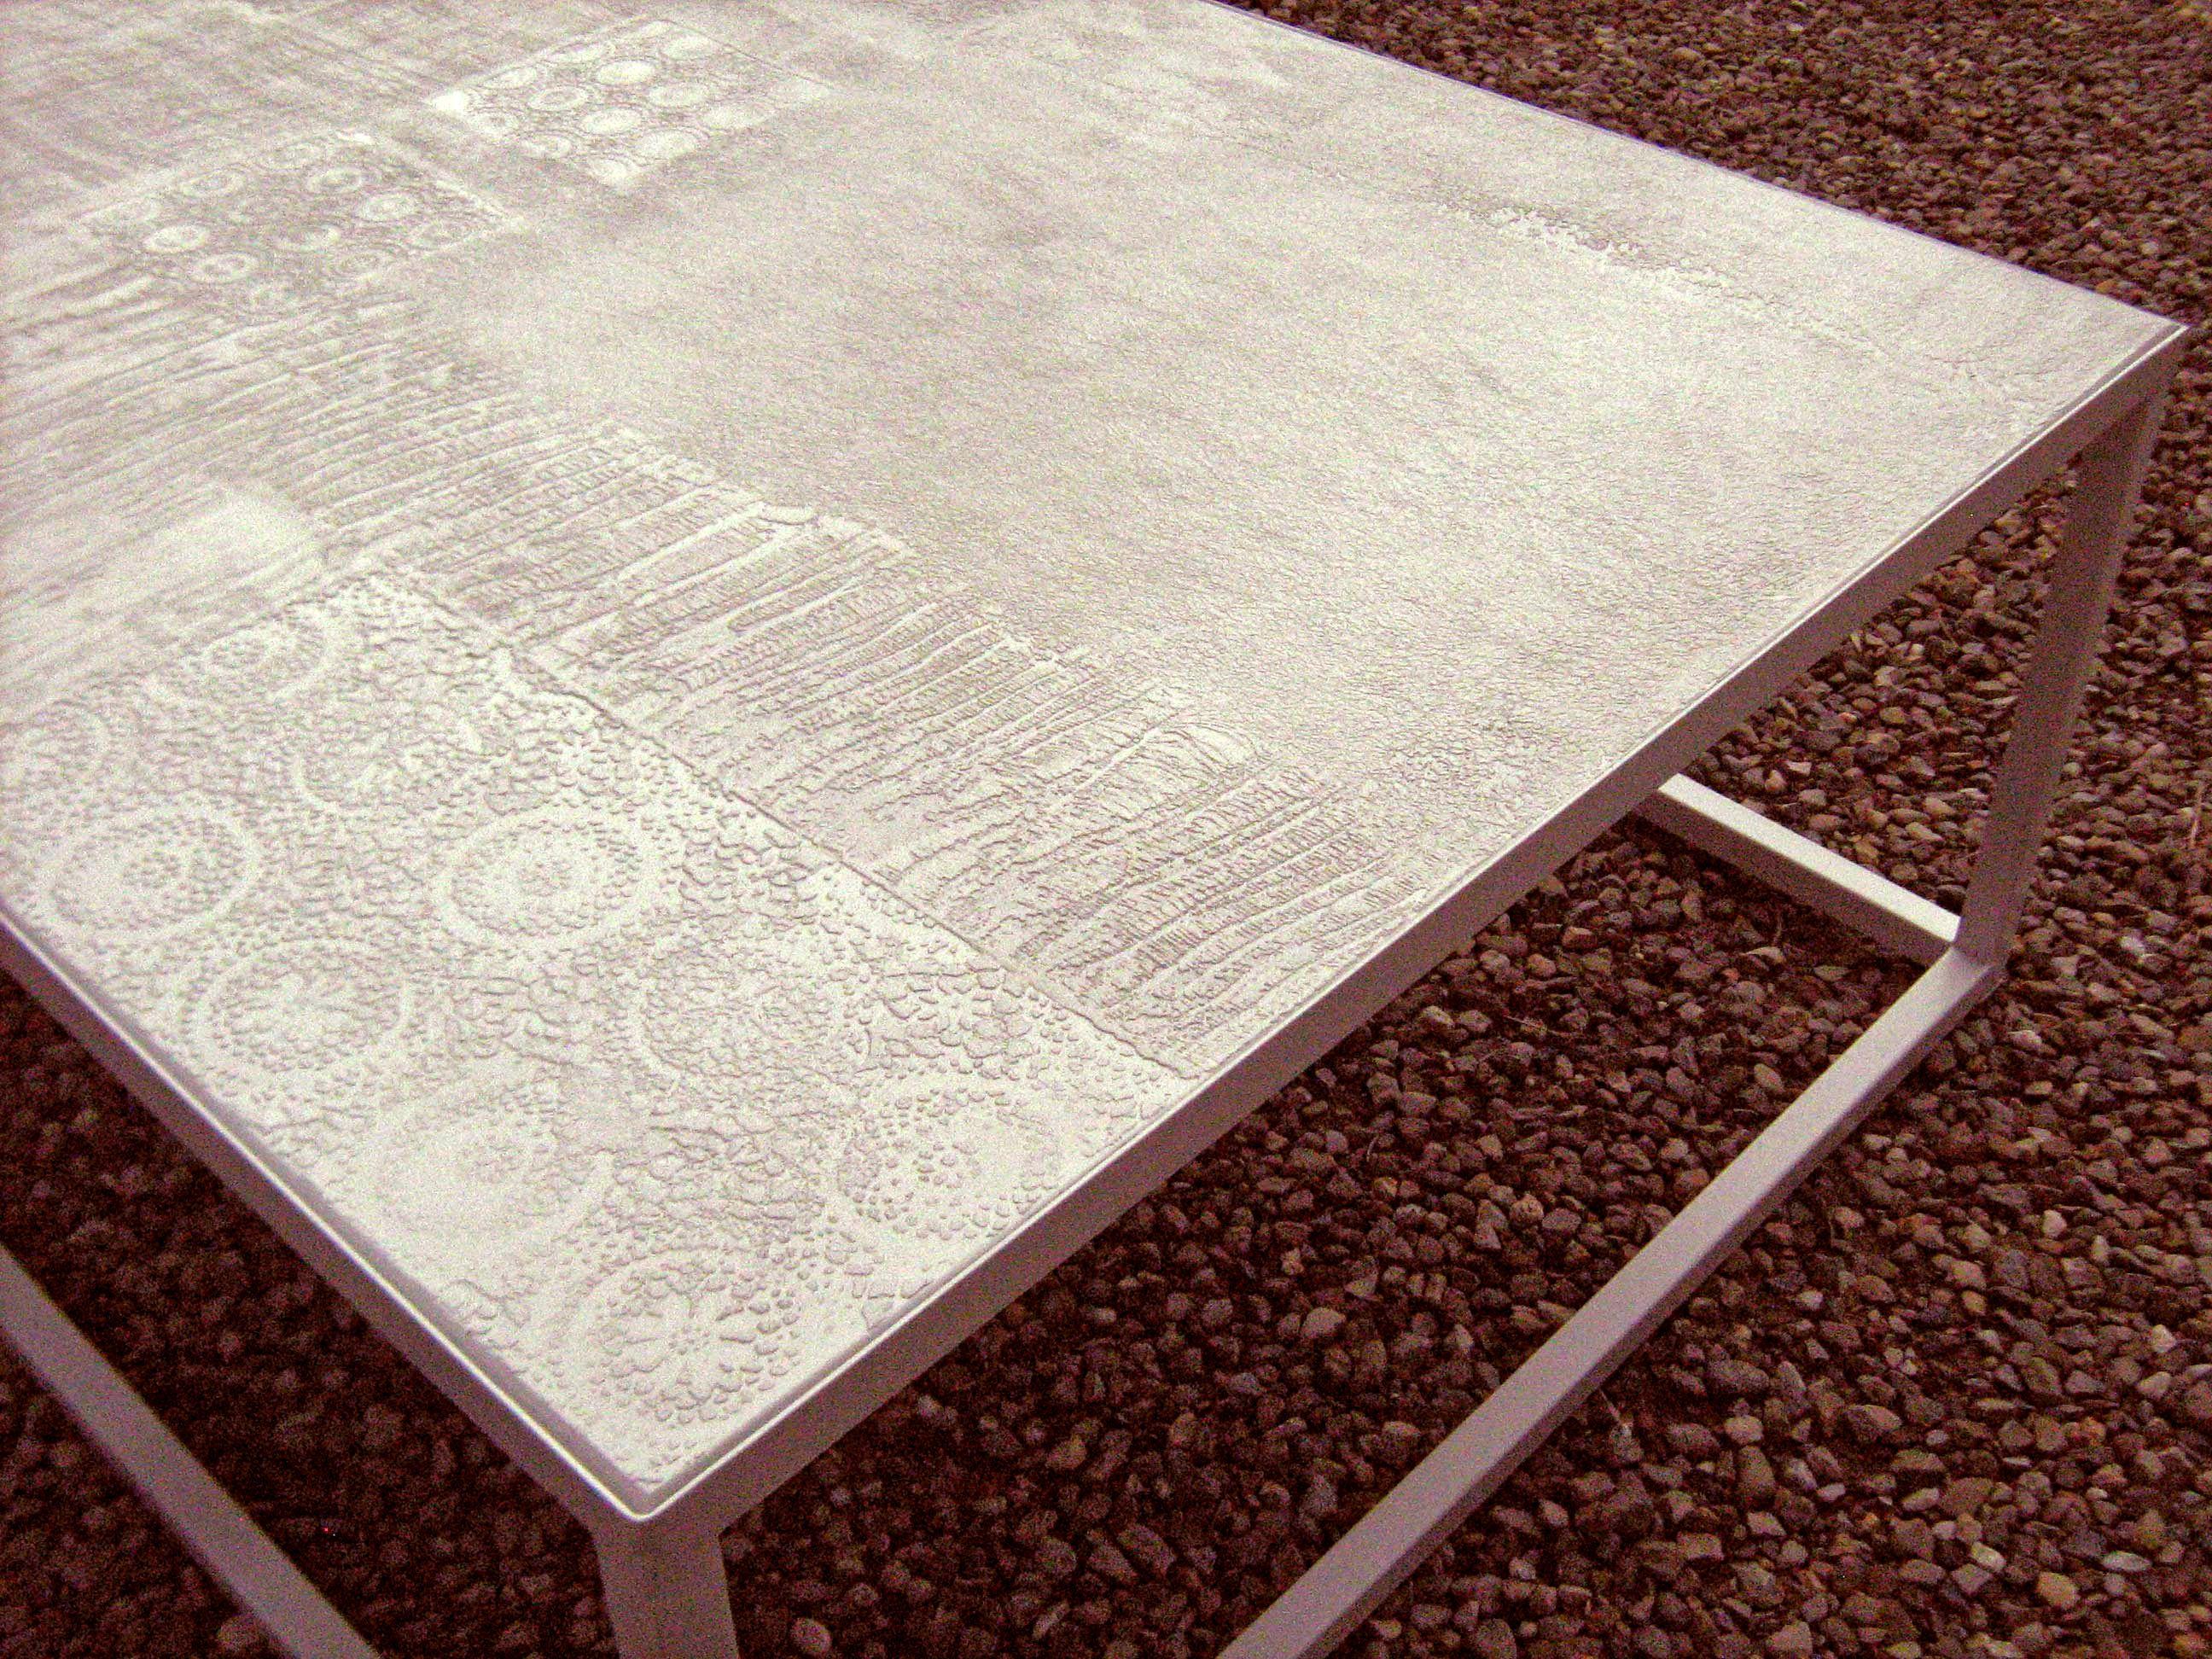 Tavoli Da Giardino In Cemento.Tavolo Da Giardino In Micro Cemento E Resina Decorazione A